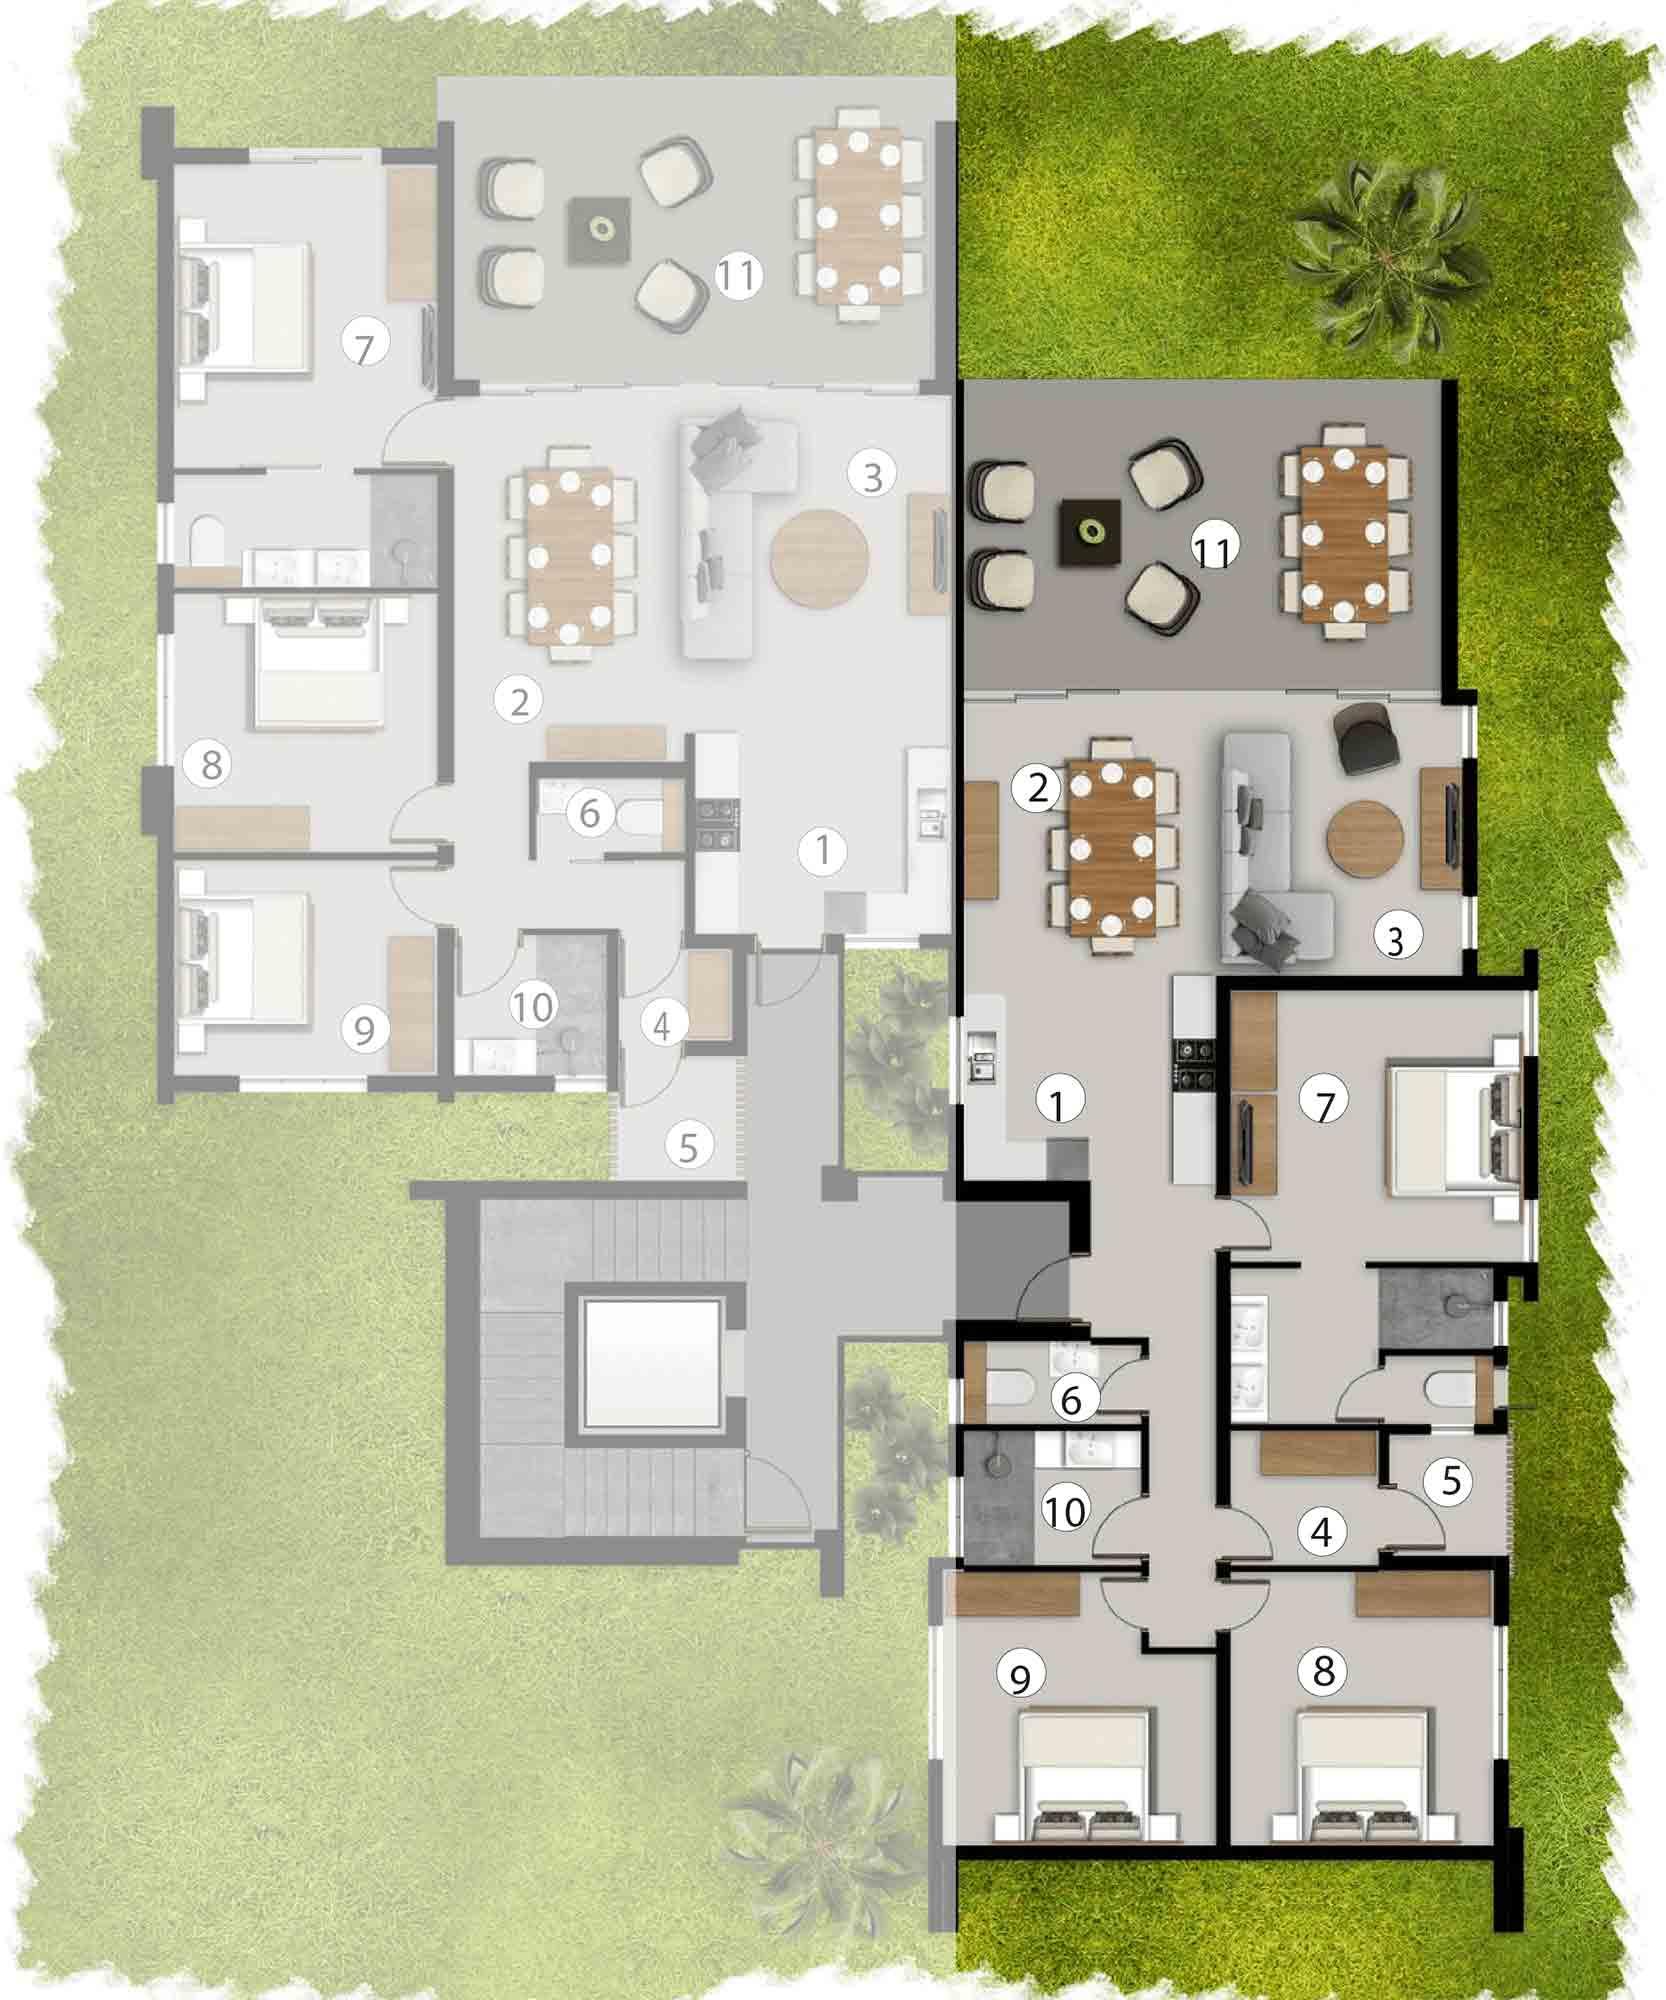 Apartments Ground Floor - AG2/BG1/CG2